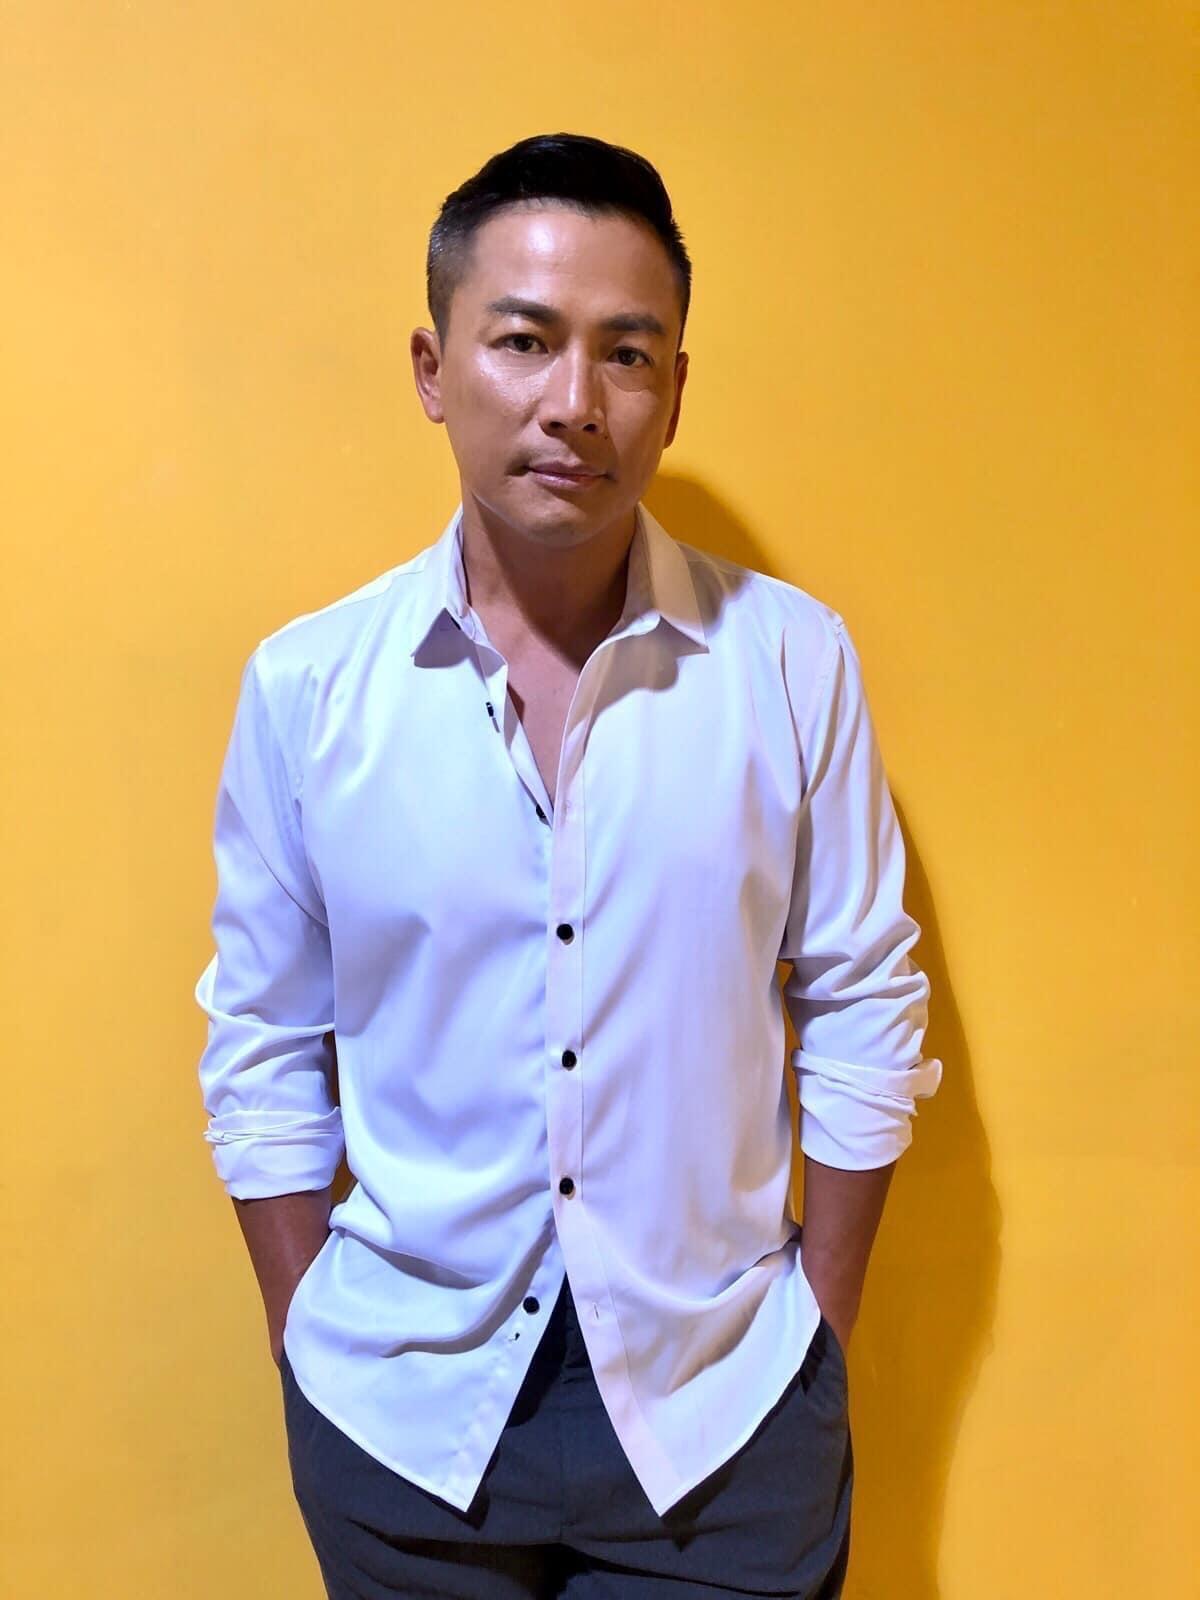 江宏思屬易胖體質,除靠飲食及運動外,他也愛用瘦身產品幫助控制體重。(翻攝江宏恩臉書)